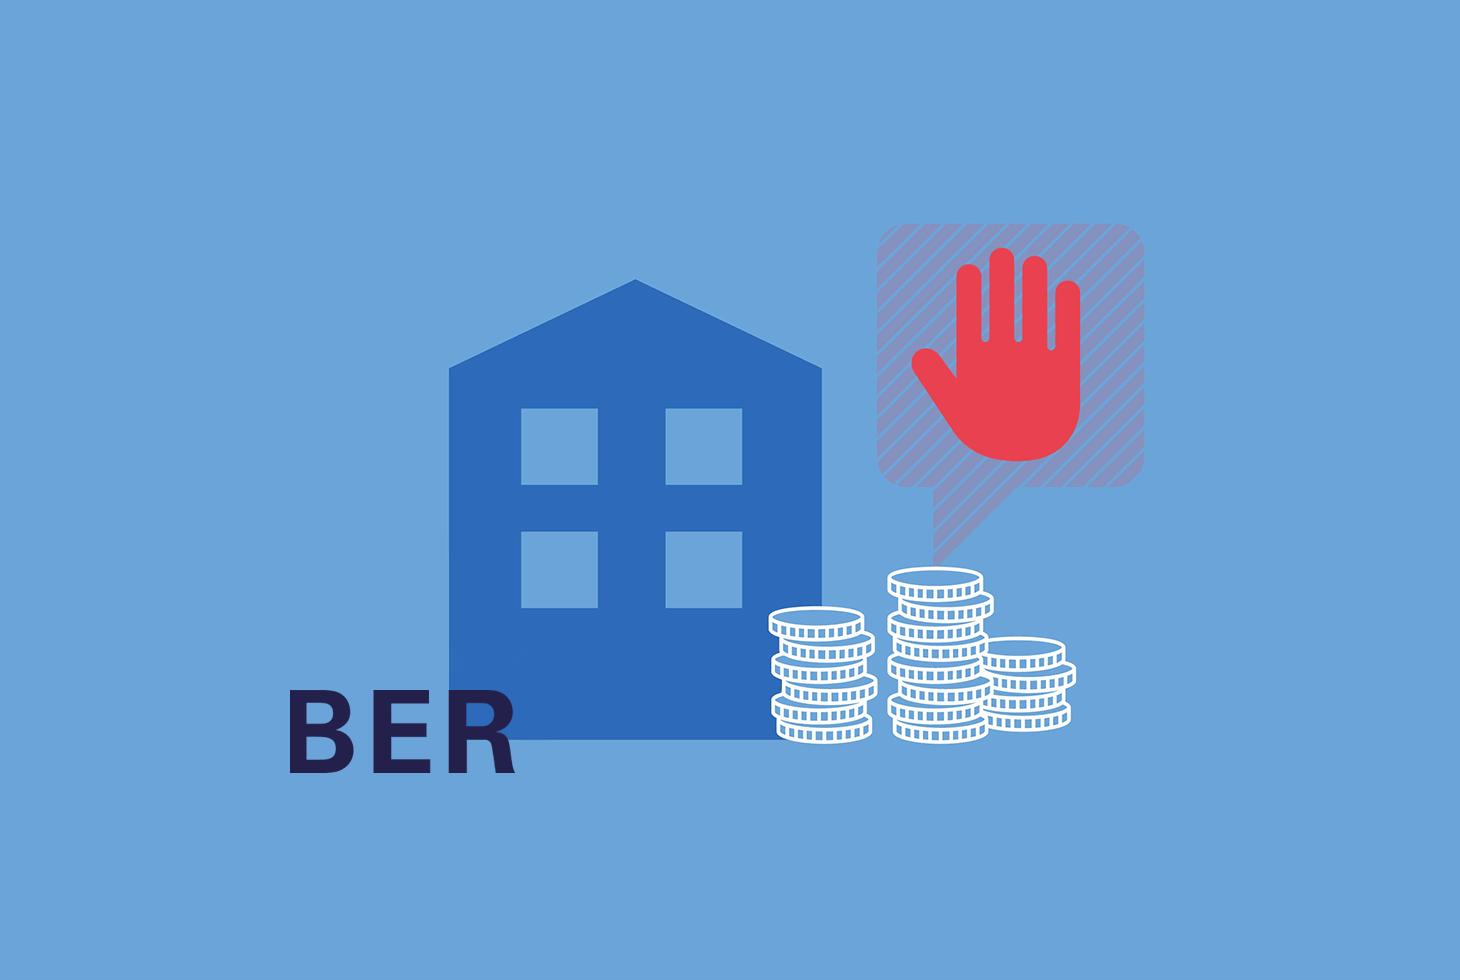 Mietendeckel: Die Lösung für die Wohnungsnot in Berlin?